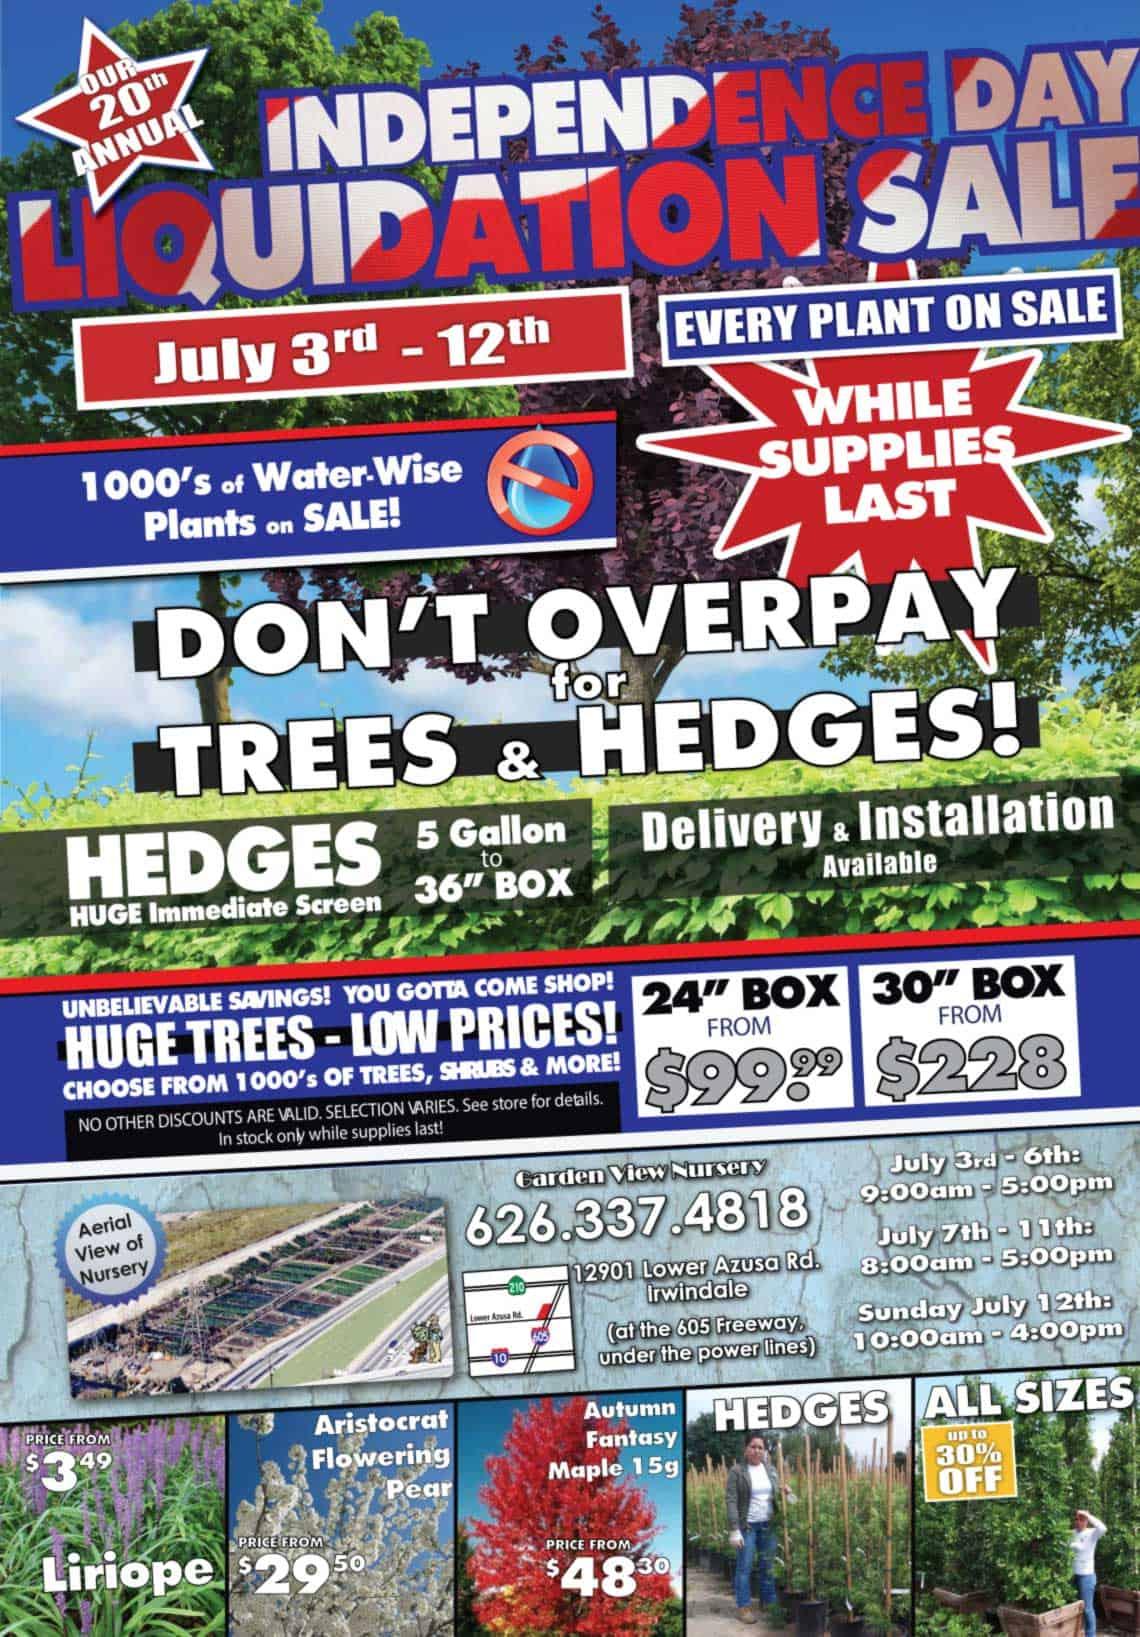 4th of July 2015 Garden View Nursery Sale Flyer